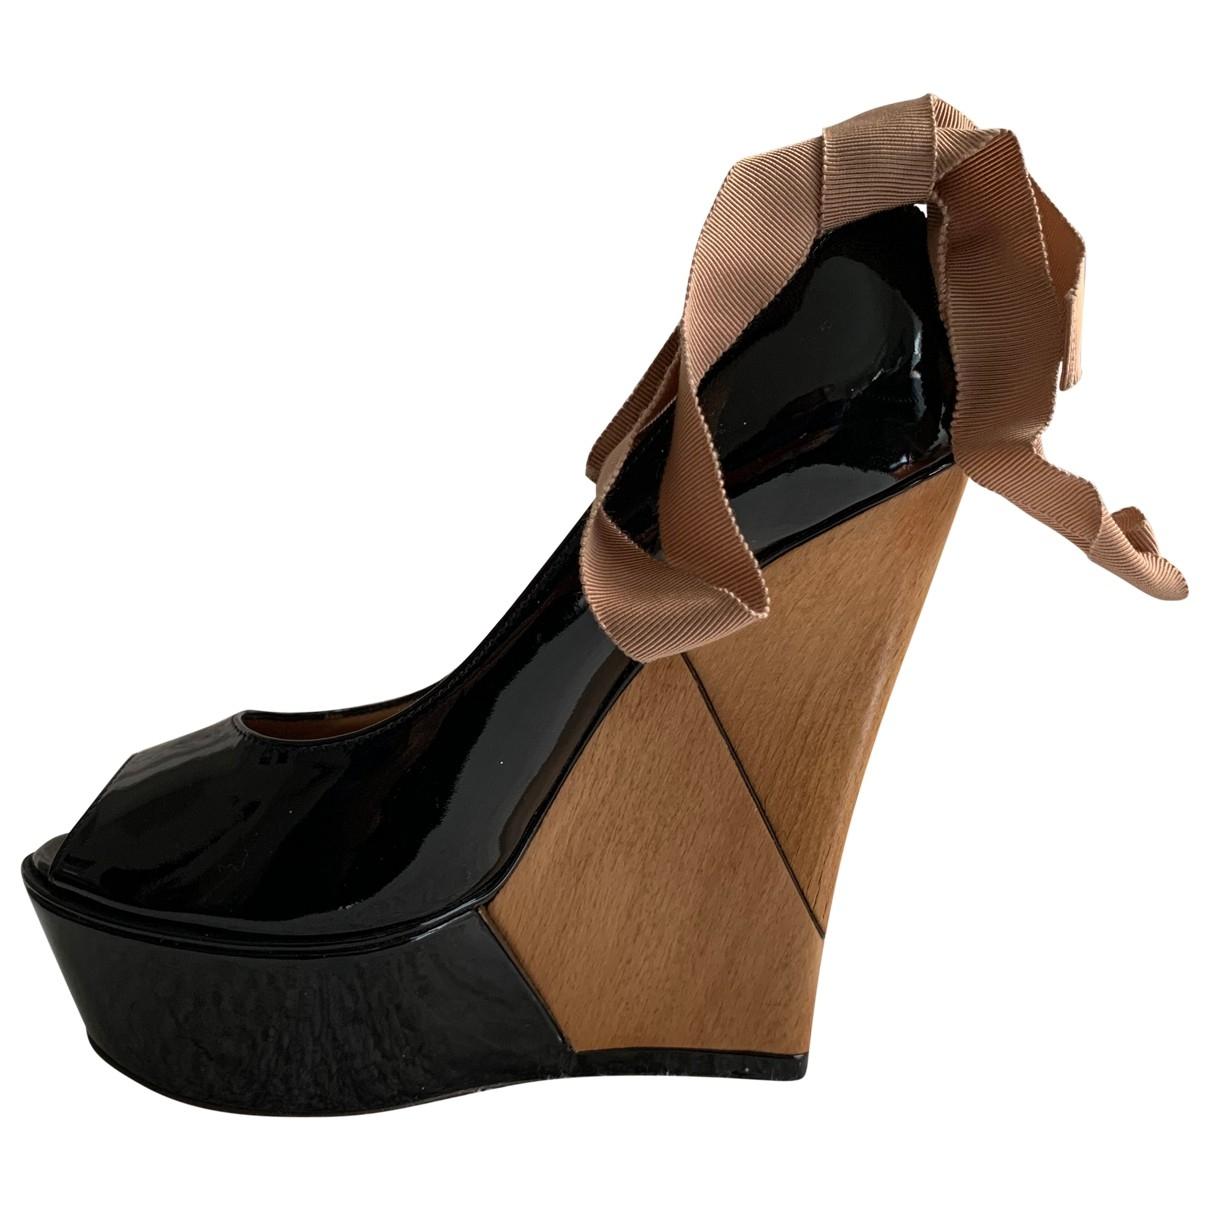 Lanvin \N Black Patent leather Sandals for Women 37 EU